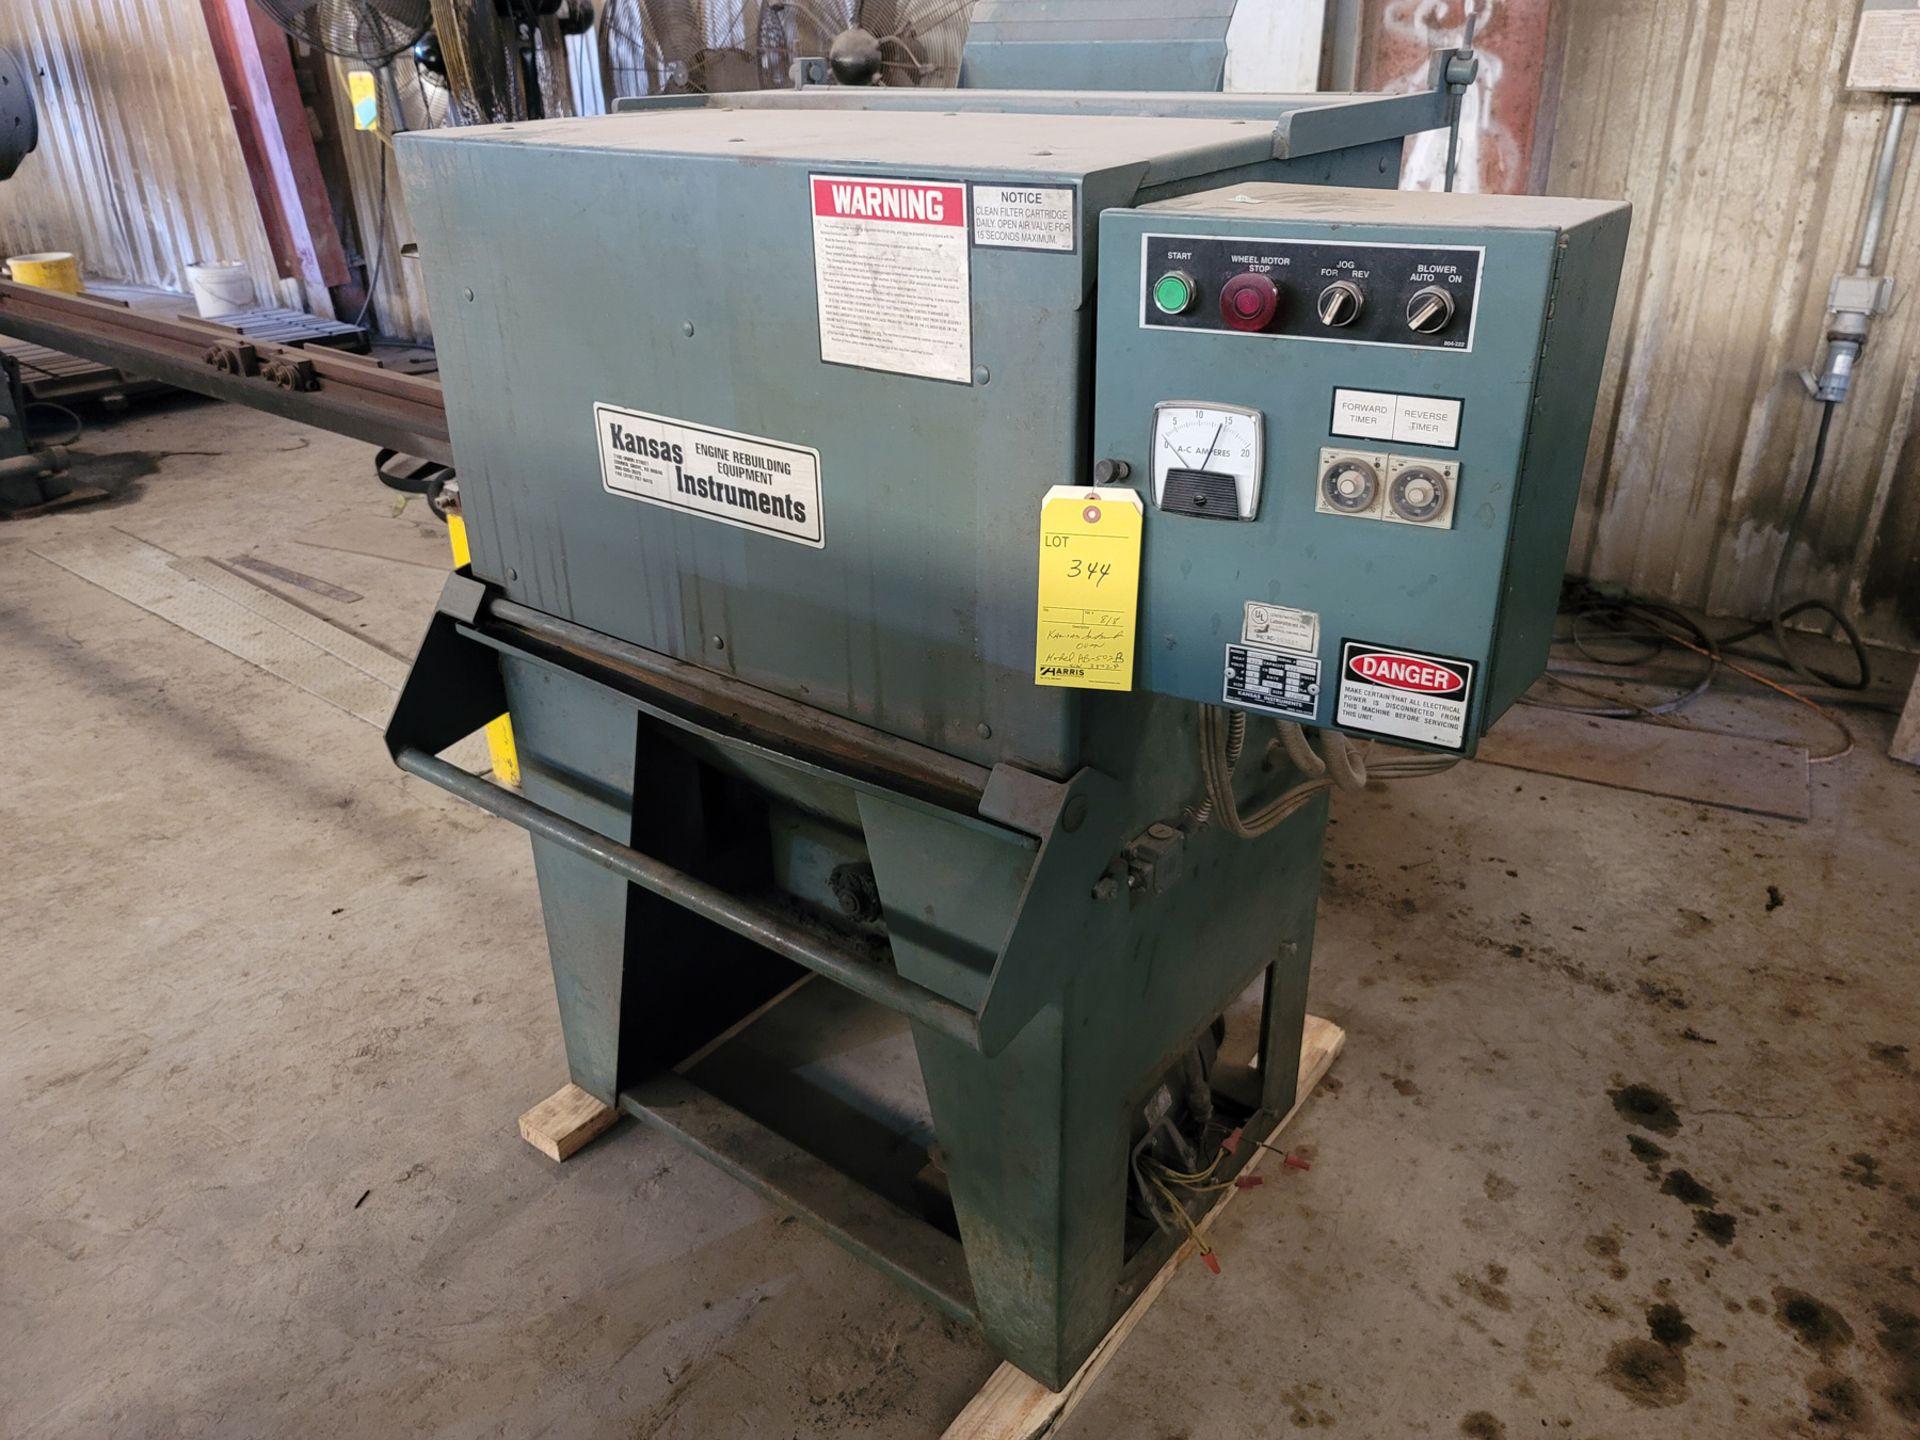 Kansas Instruments Model AB-502B Bake / Blast / Tumble Machine - Image 7 of 12